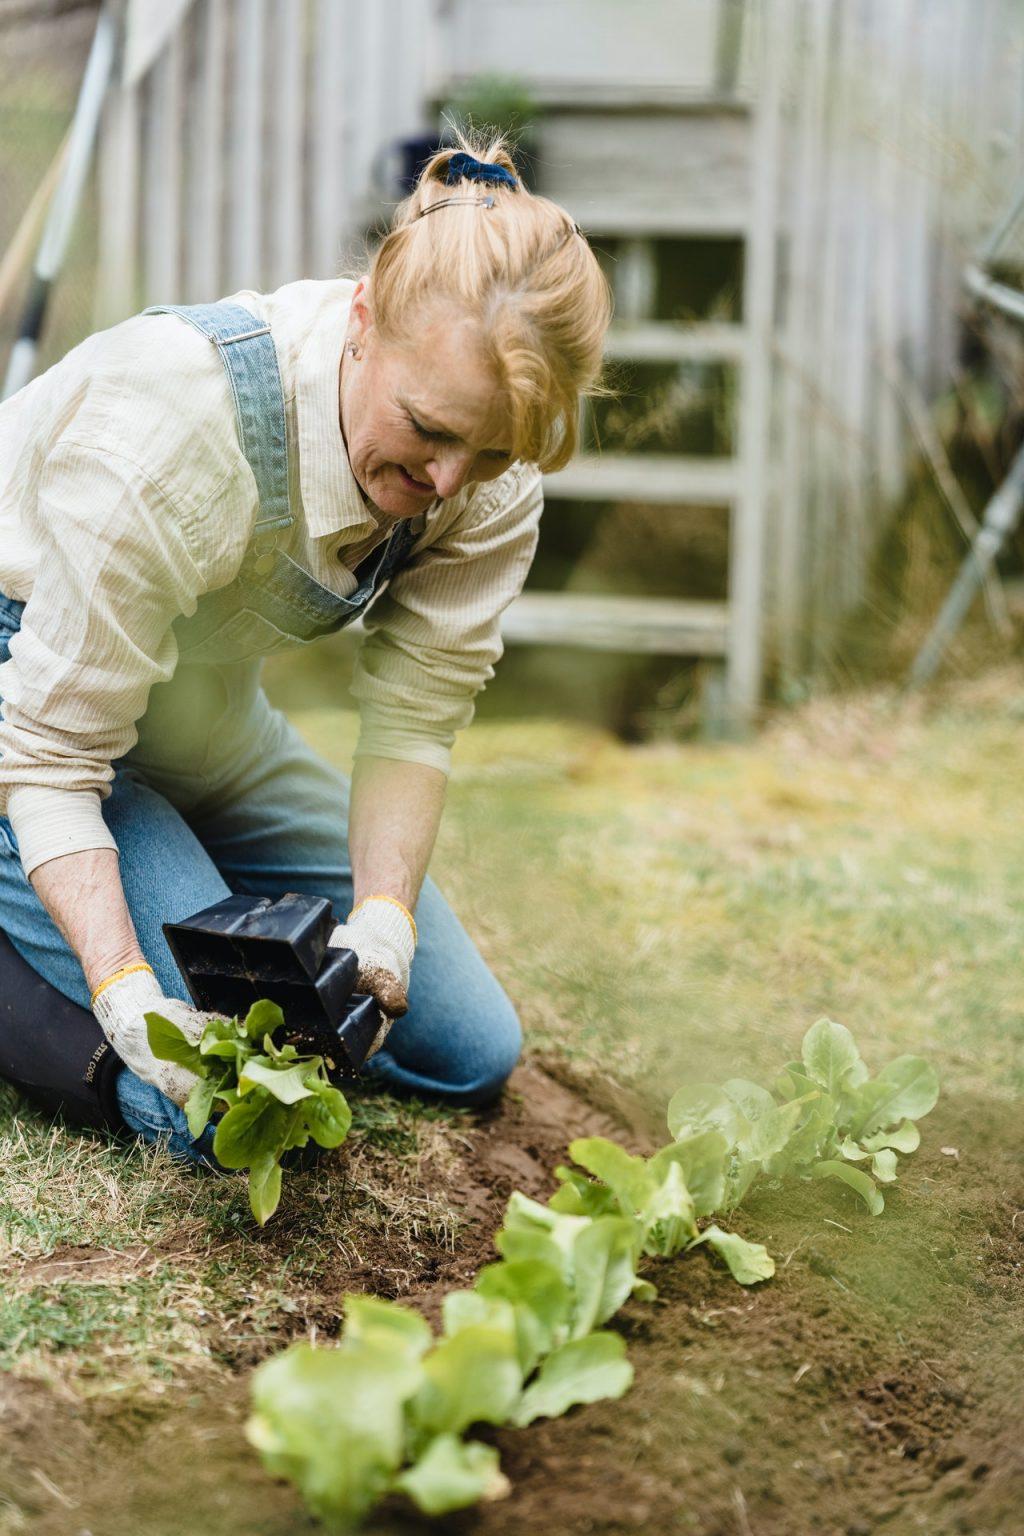 duurzame aanpassingen woning duurzame toekomst